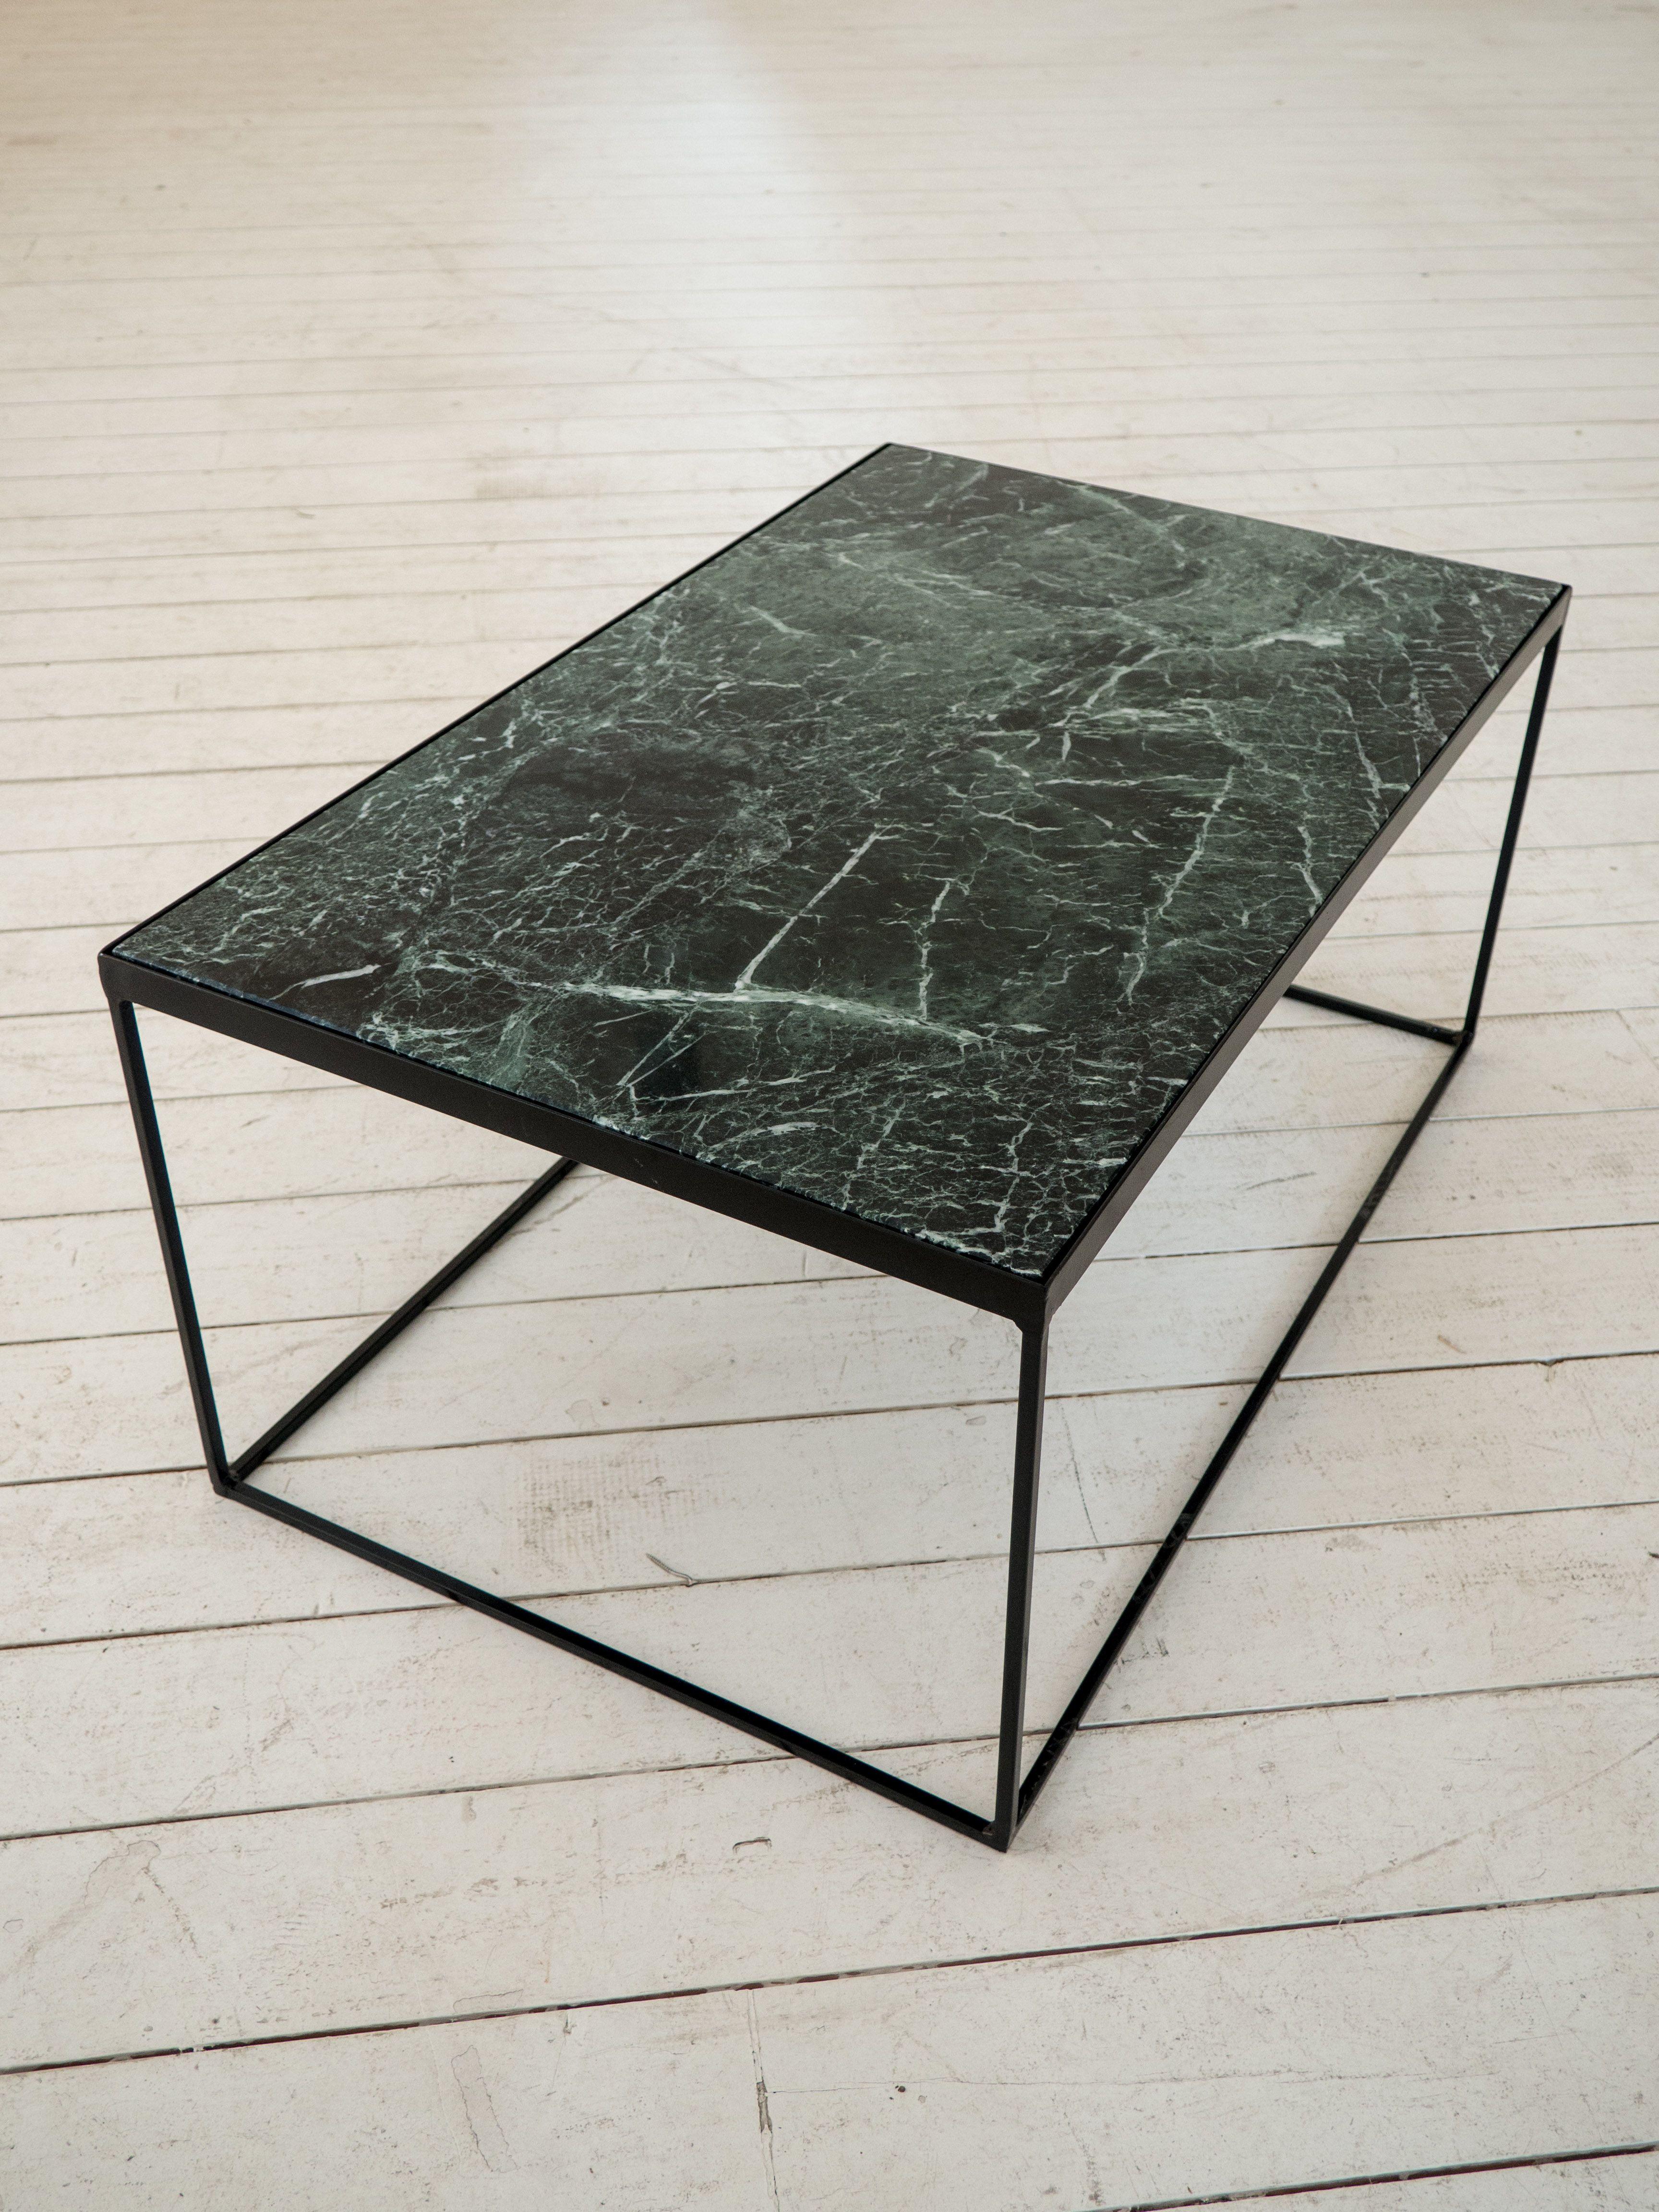 Möbeldesign Hamburg großer marmortisch 10 knoten möbeldesign hamburg marmortisch